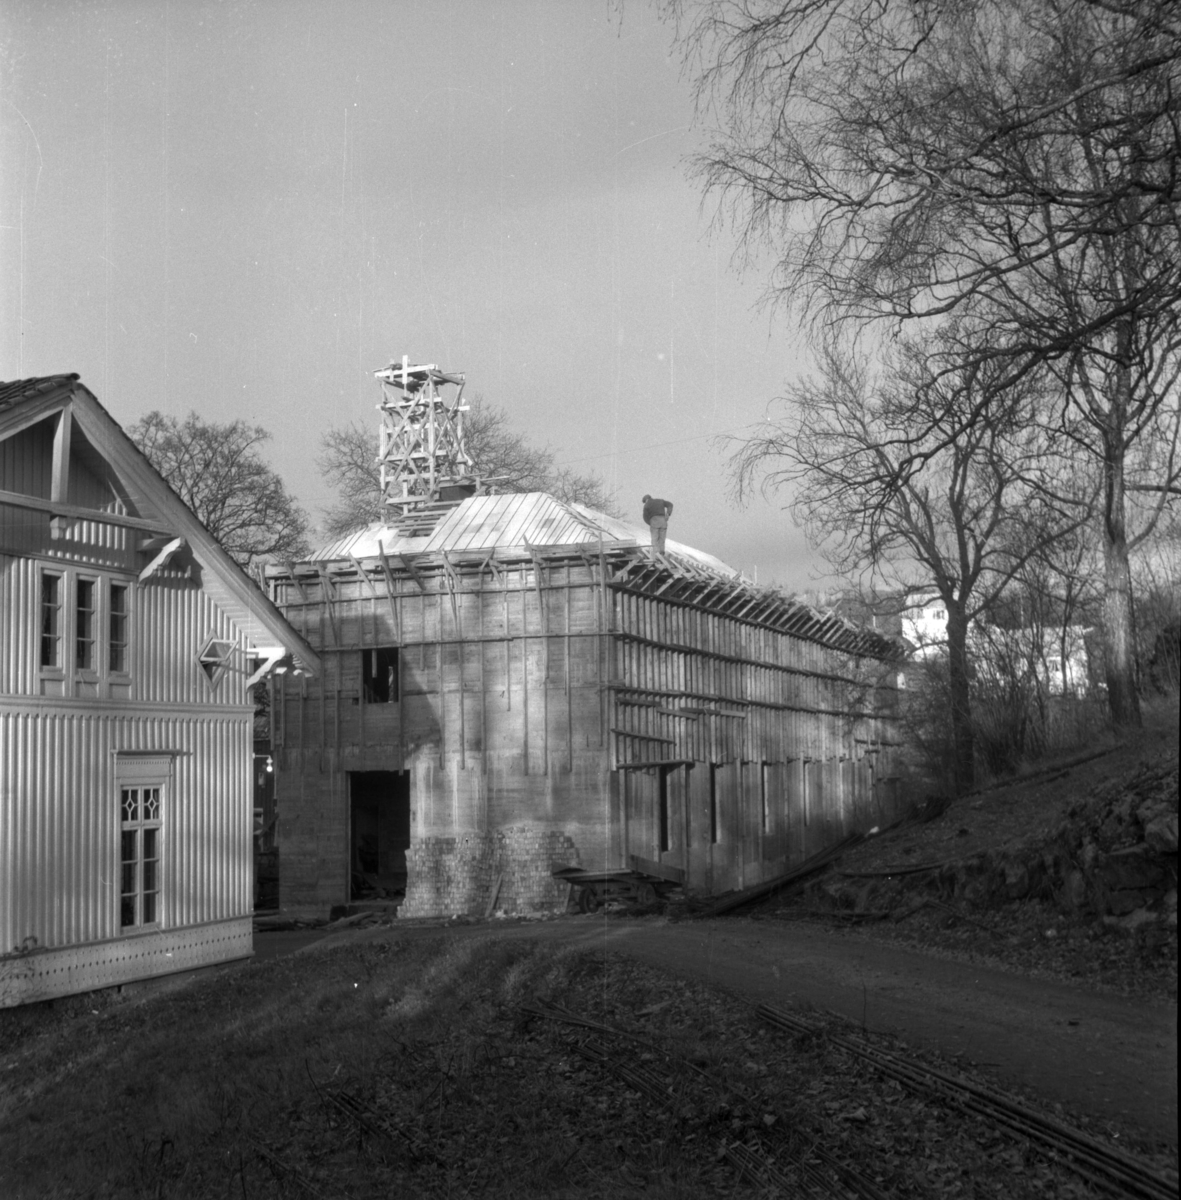 Aust-Agder-Museets første byggetrinn  - senere arkivfløy -  på Langsæ. Under oppføring. Gesims og takarbeid pågår. Mann på taket.